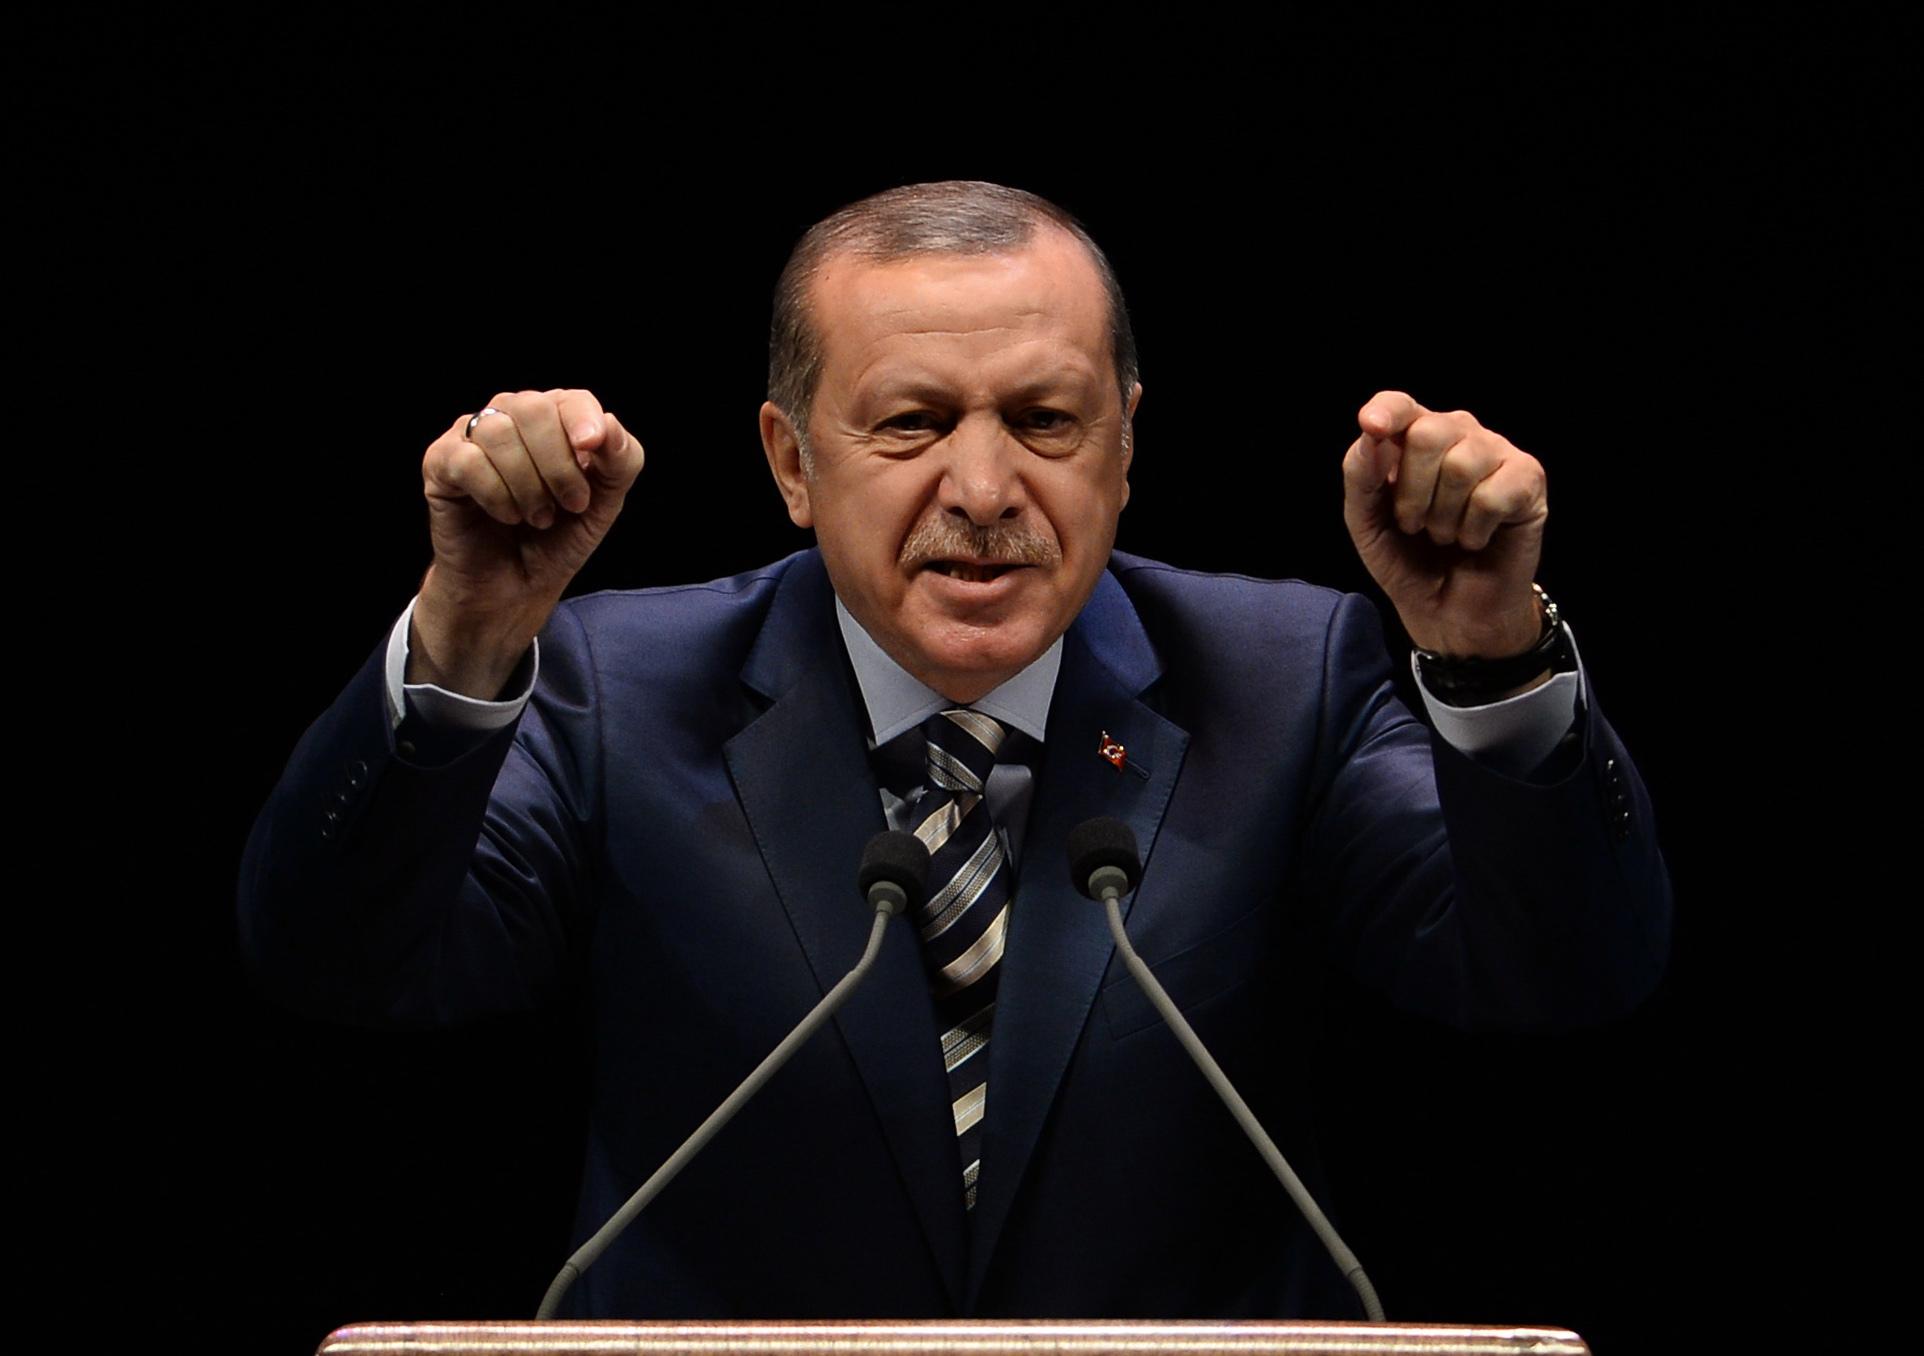 Эрдоган предложил парламенту рассмотреть вопрос овведении смертельной казни вТурции